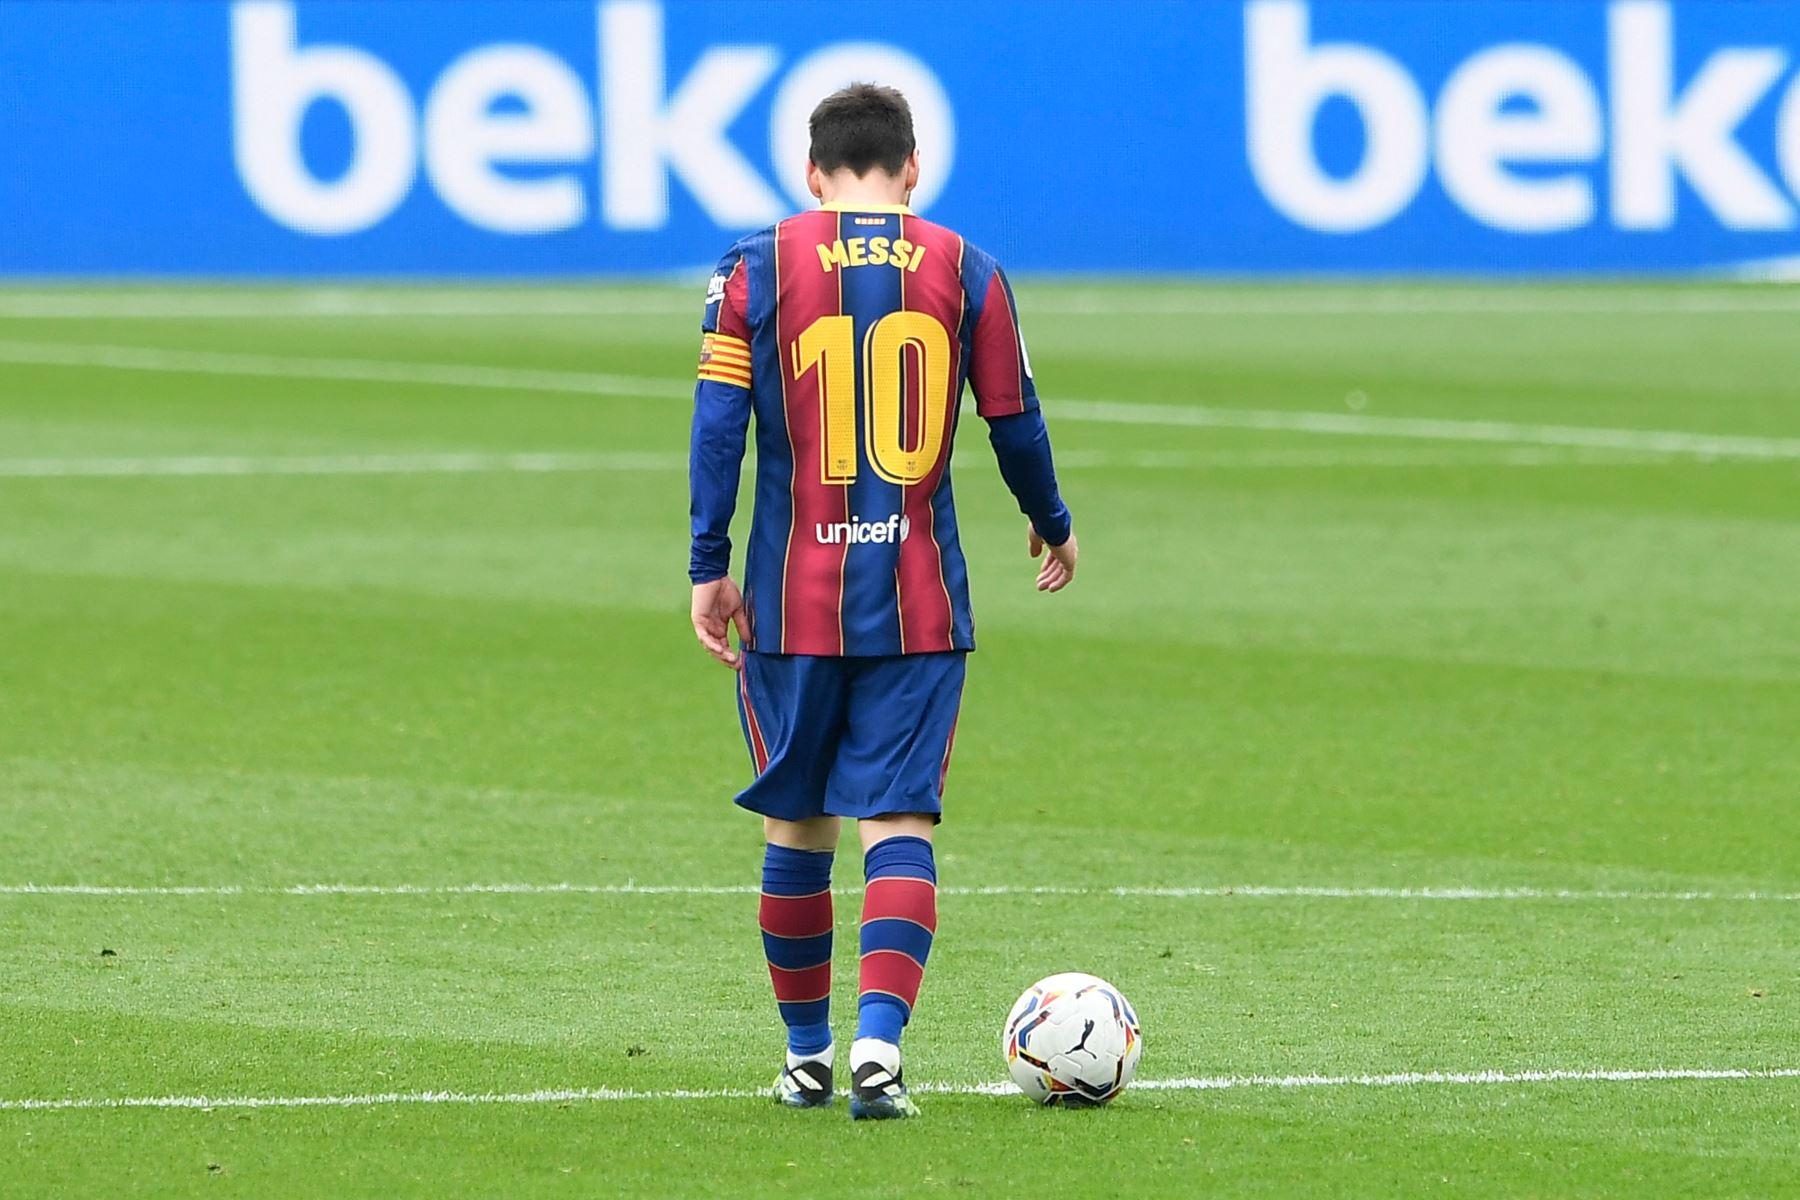 El delantero argentino del Barcelona Lionel Messi reacciona durante el partido de fútbol de la liga española entre el FC Barcelona y el Cádiz CF. Foto: AFP